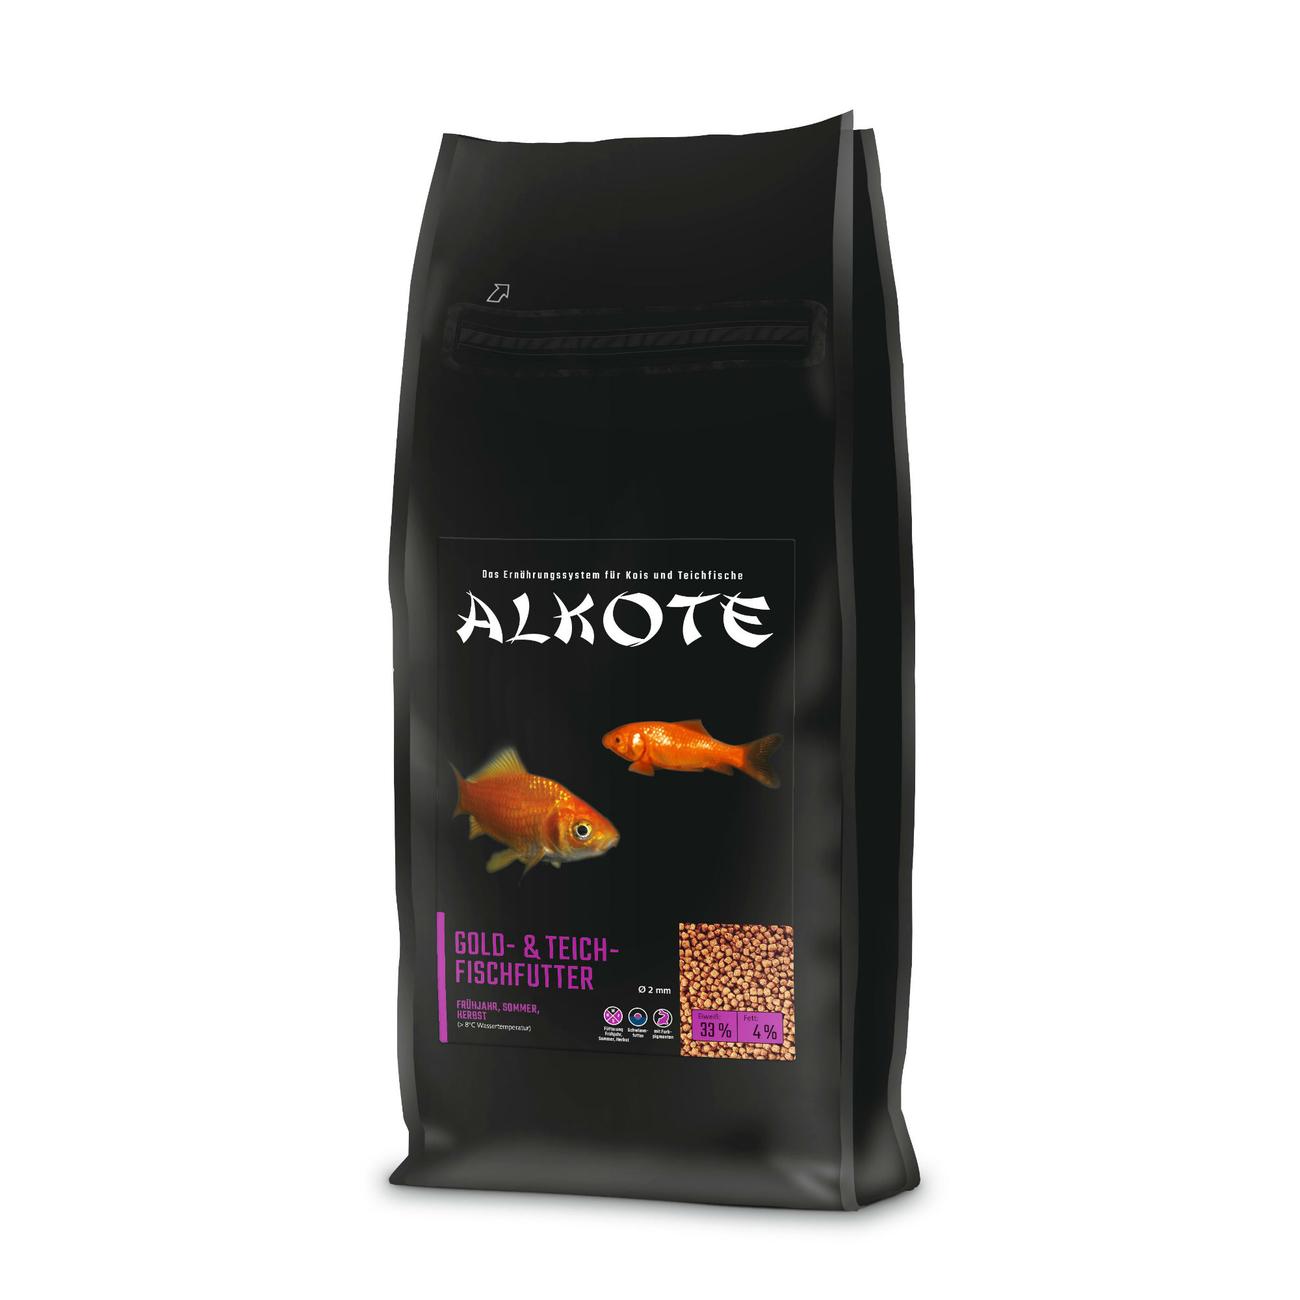 Allco ALKOTE Goldfischfutter Teichfischfutter, 13,5 kg 2 mm